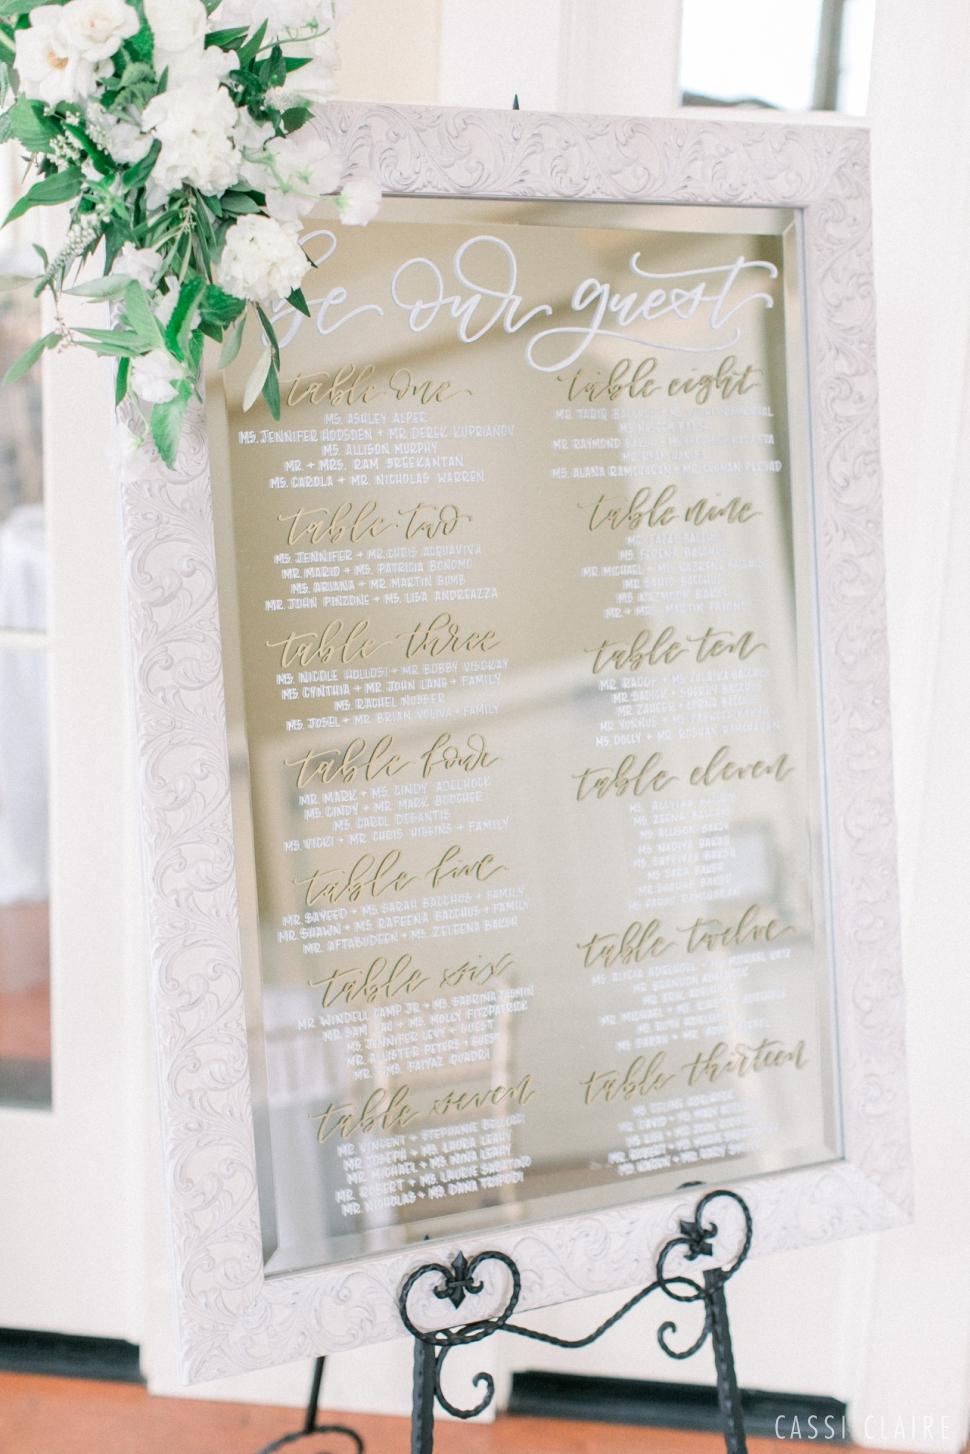 Ryland-Inn-Wedding-NJ_CassiClaire_37.jpg